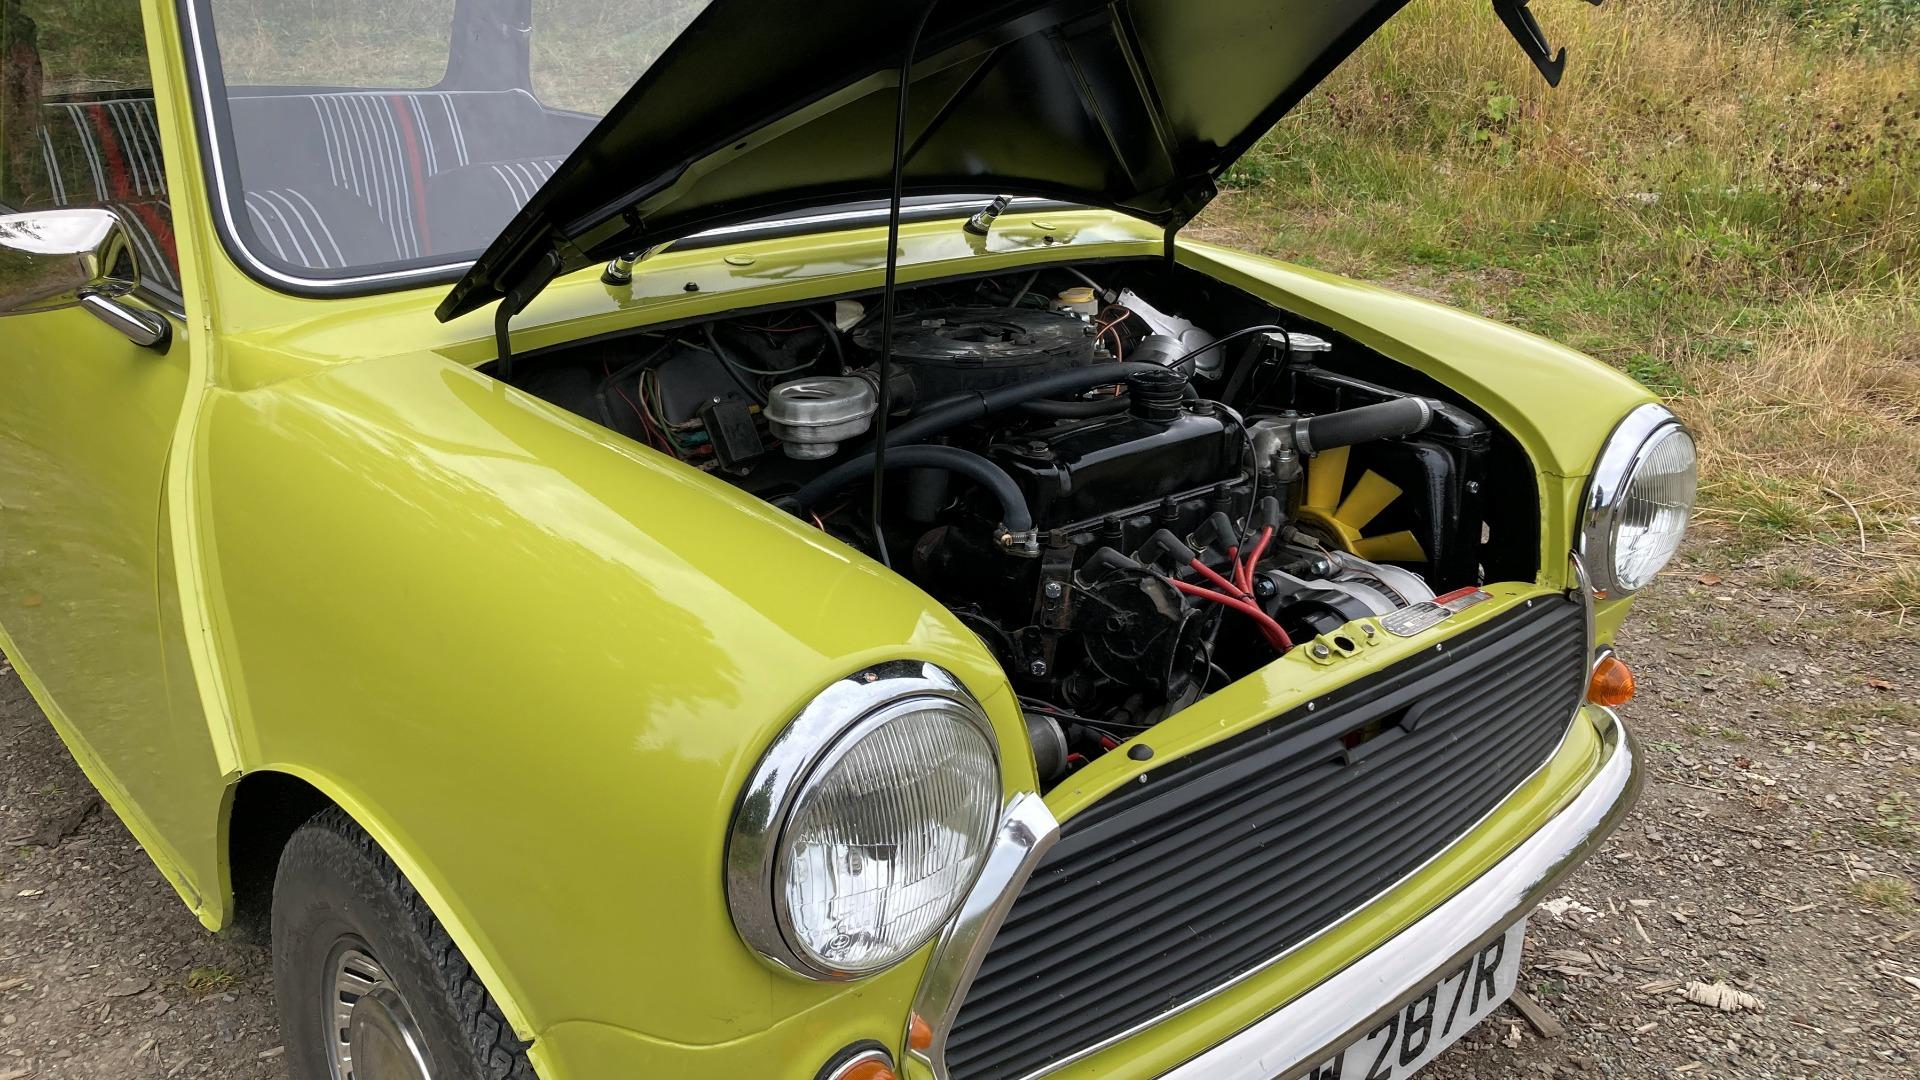 Til og med i motorrommet er bilen helt identisk, til tross for at mange detaljer aldri vises på tv.